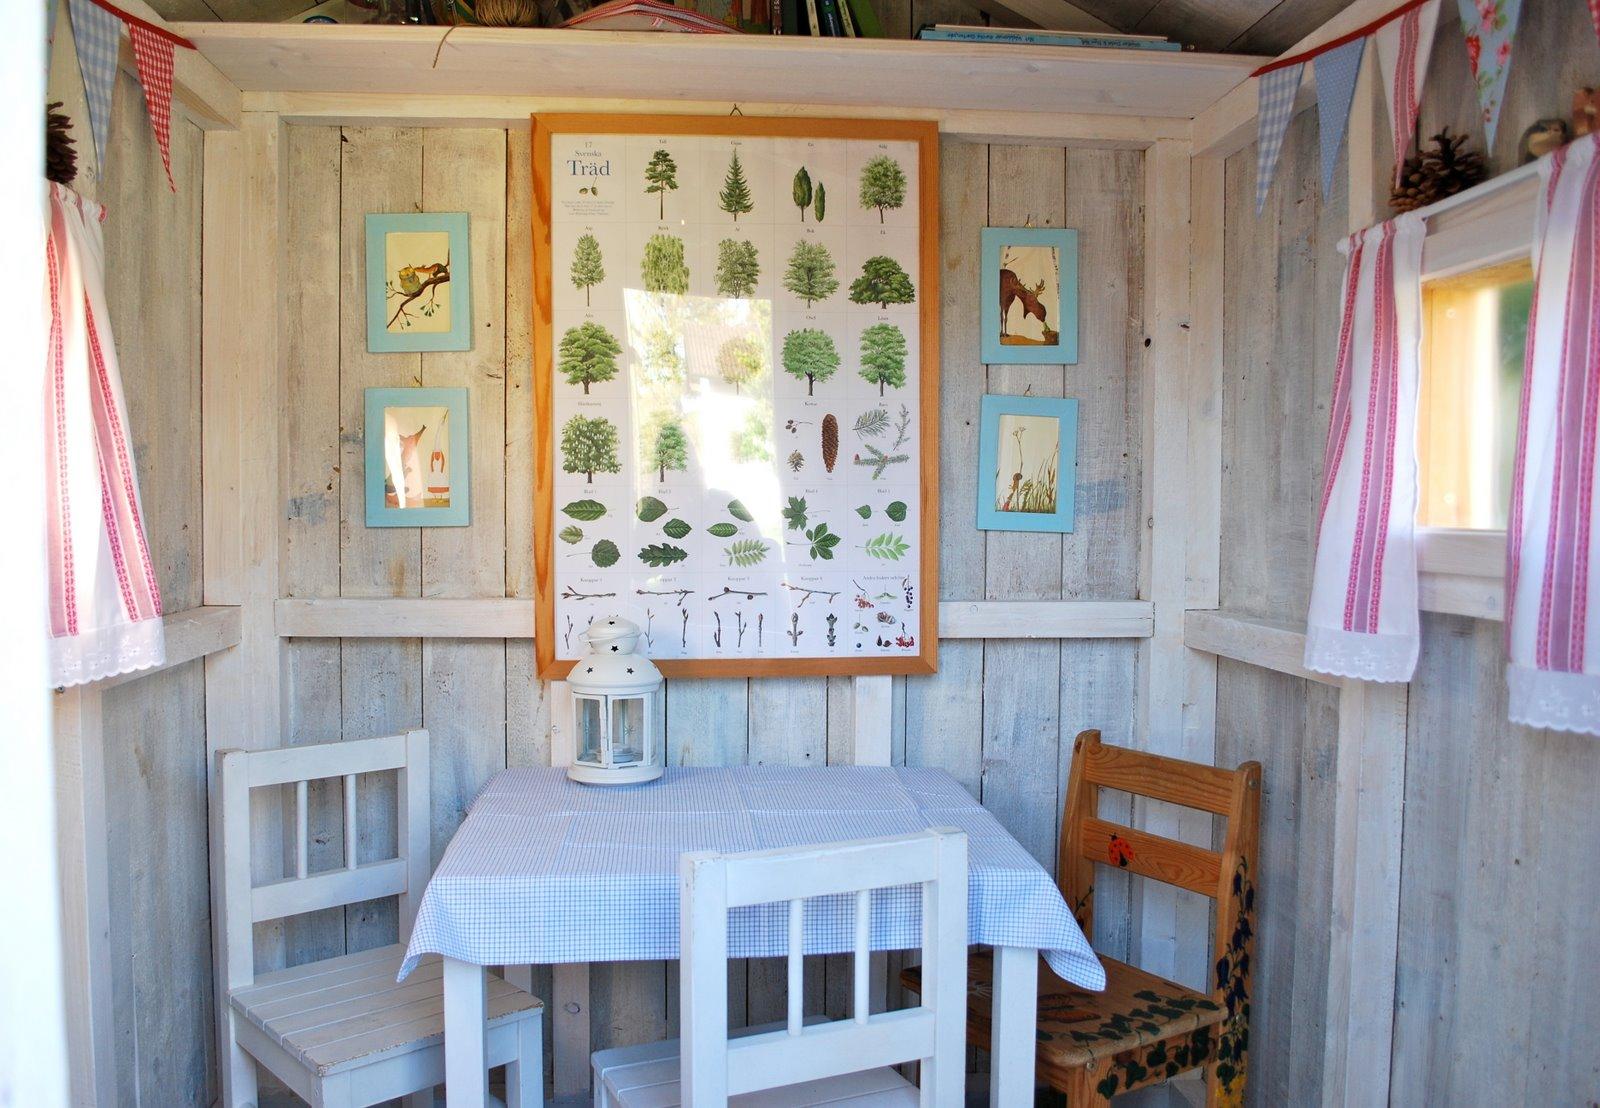 Mamas kram projekt villa kullerbytta v lkommen in for Villa einrichten